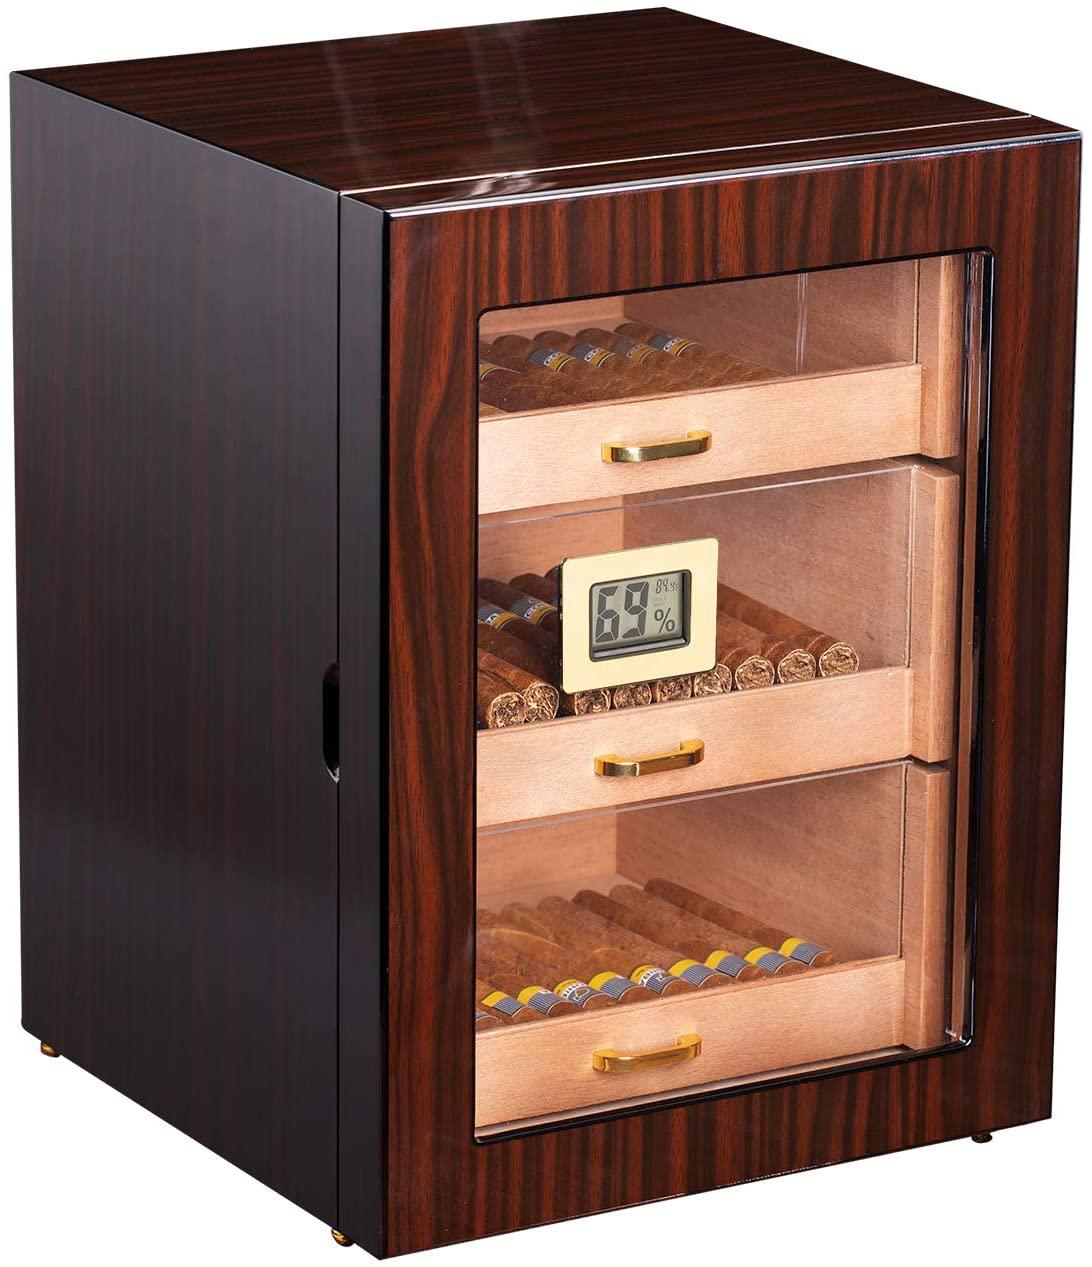 Woodronic Cigar Humidor